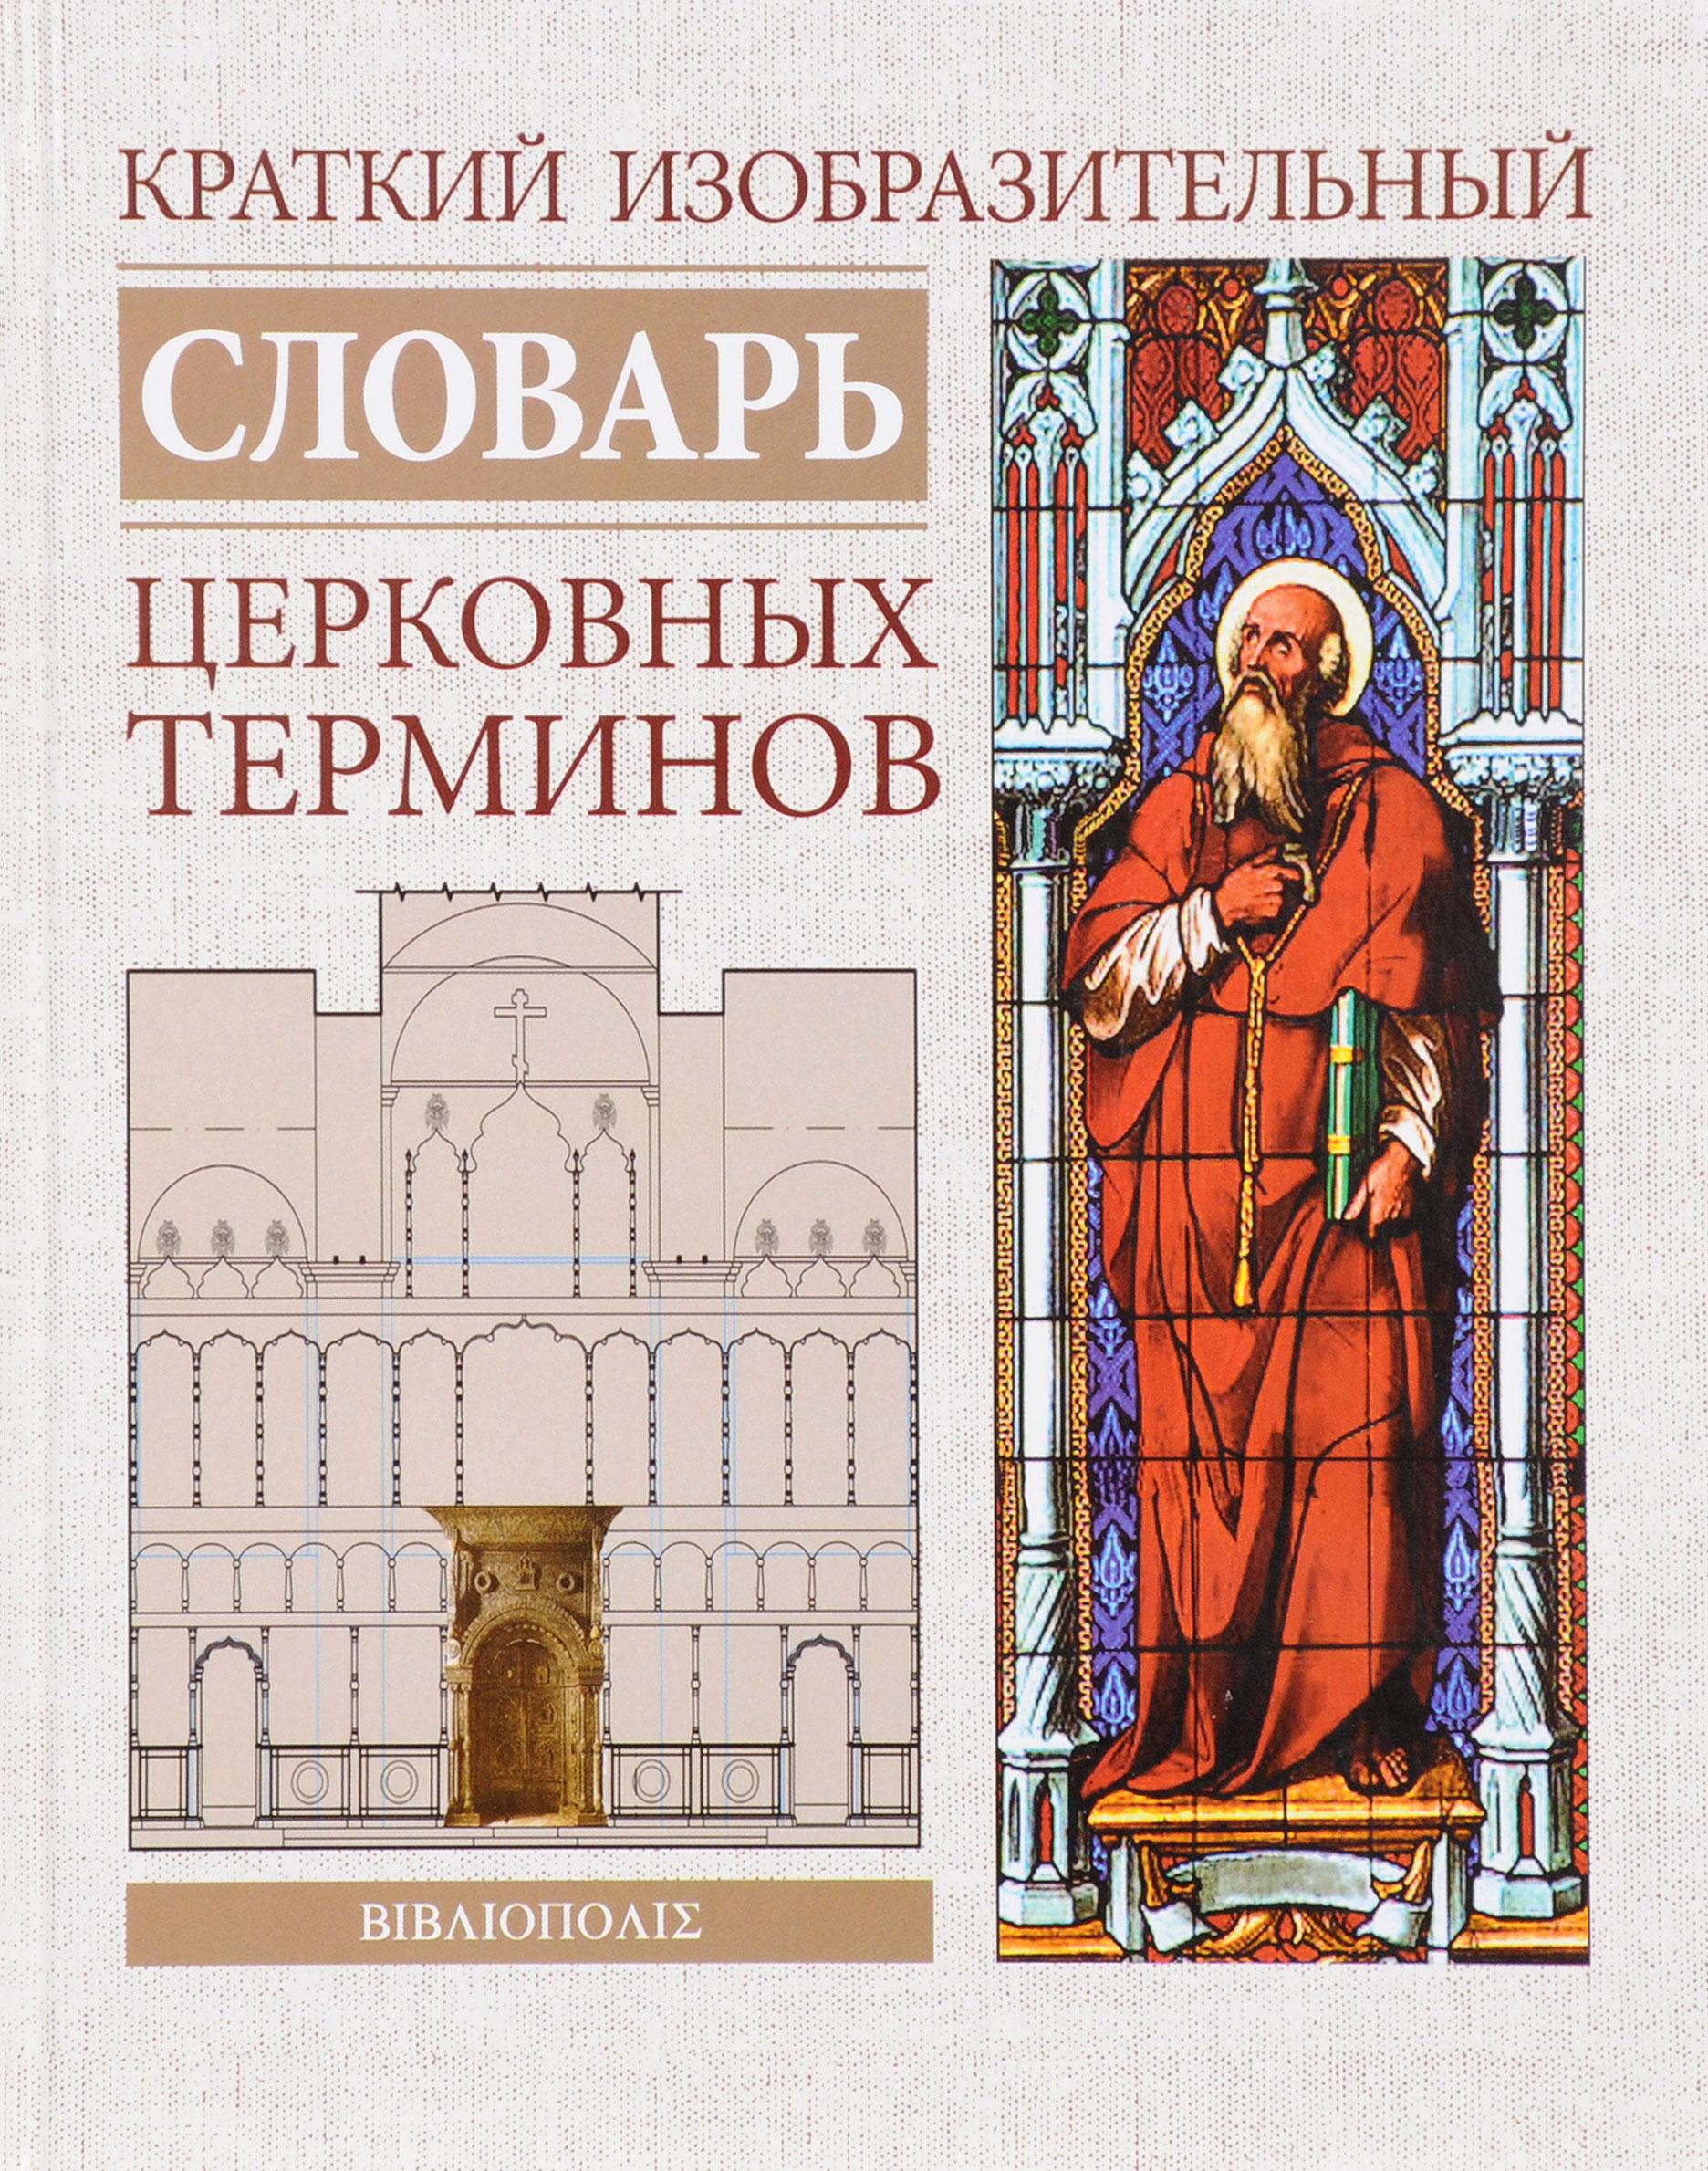 Краткий изобразительный словарь церковных терминов краткий изобразительный словарь церковных терминов